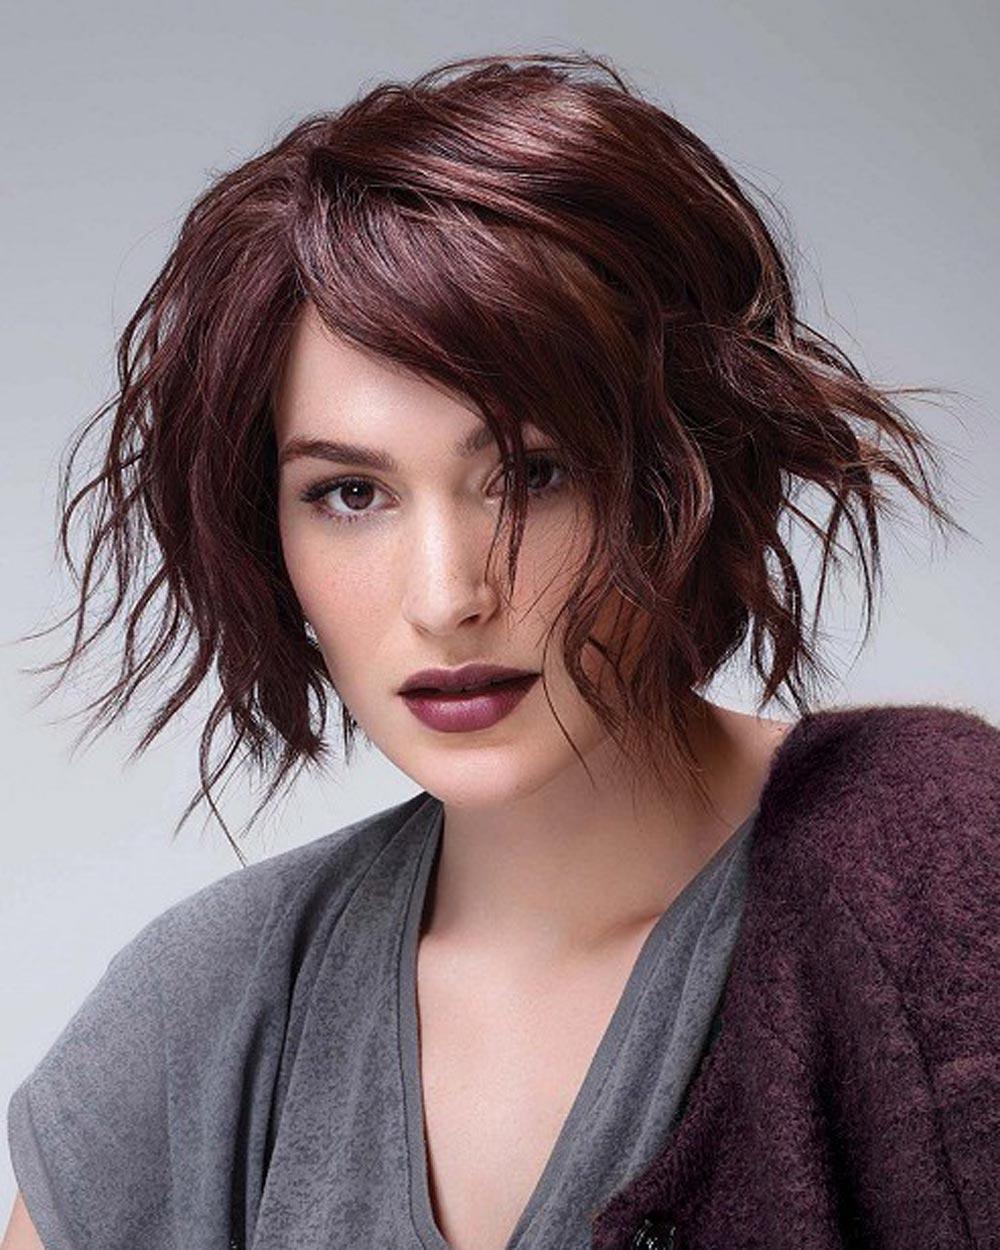 Polodlhé vlasy 2015/2016 – galéria účesov pre jeseň/zima